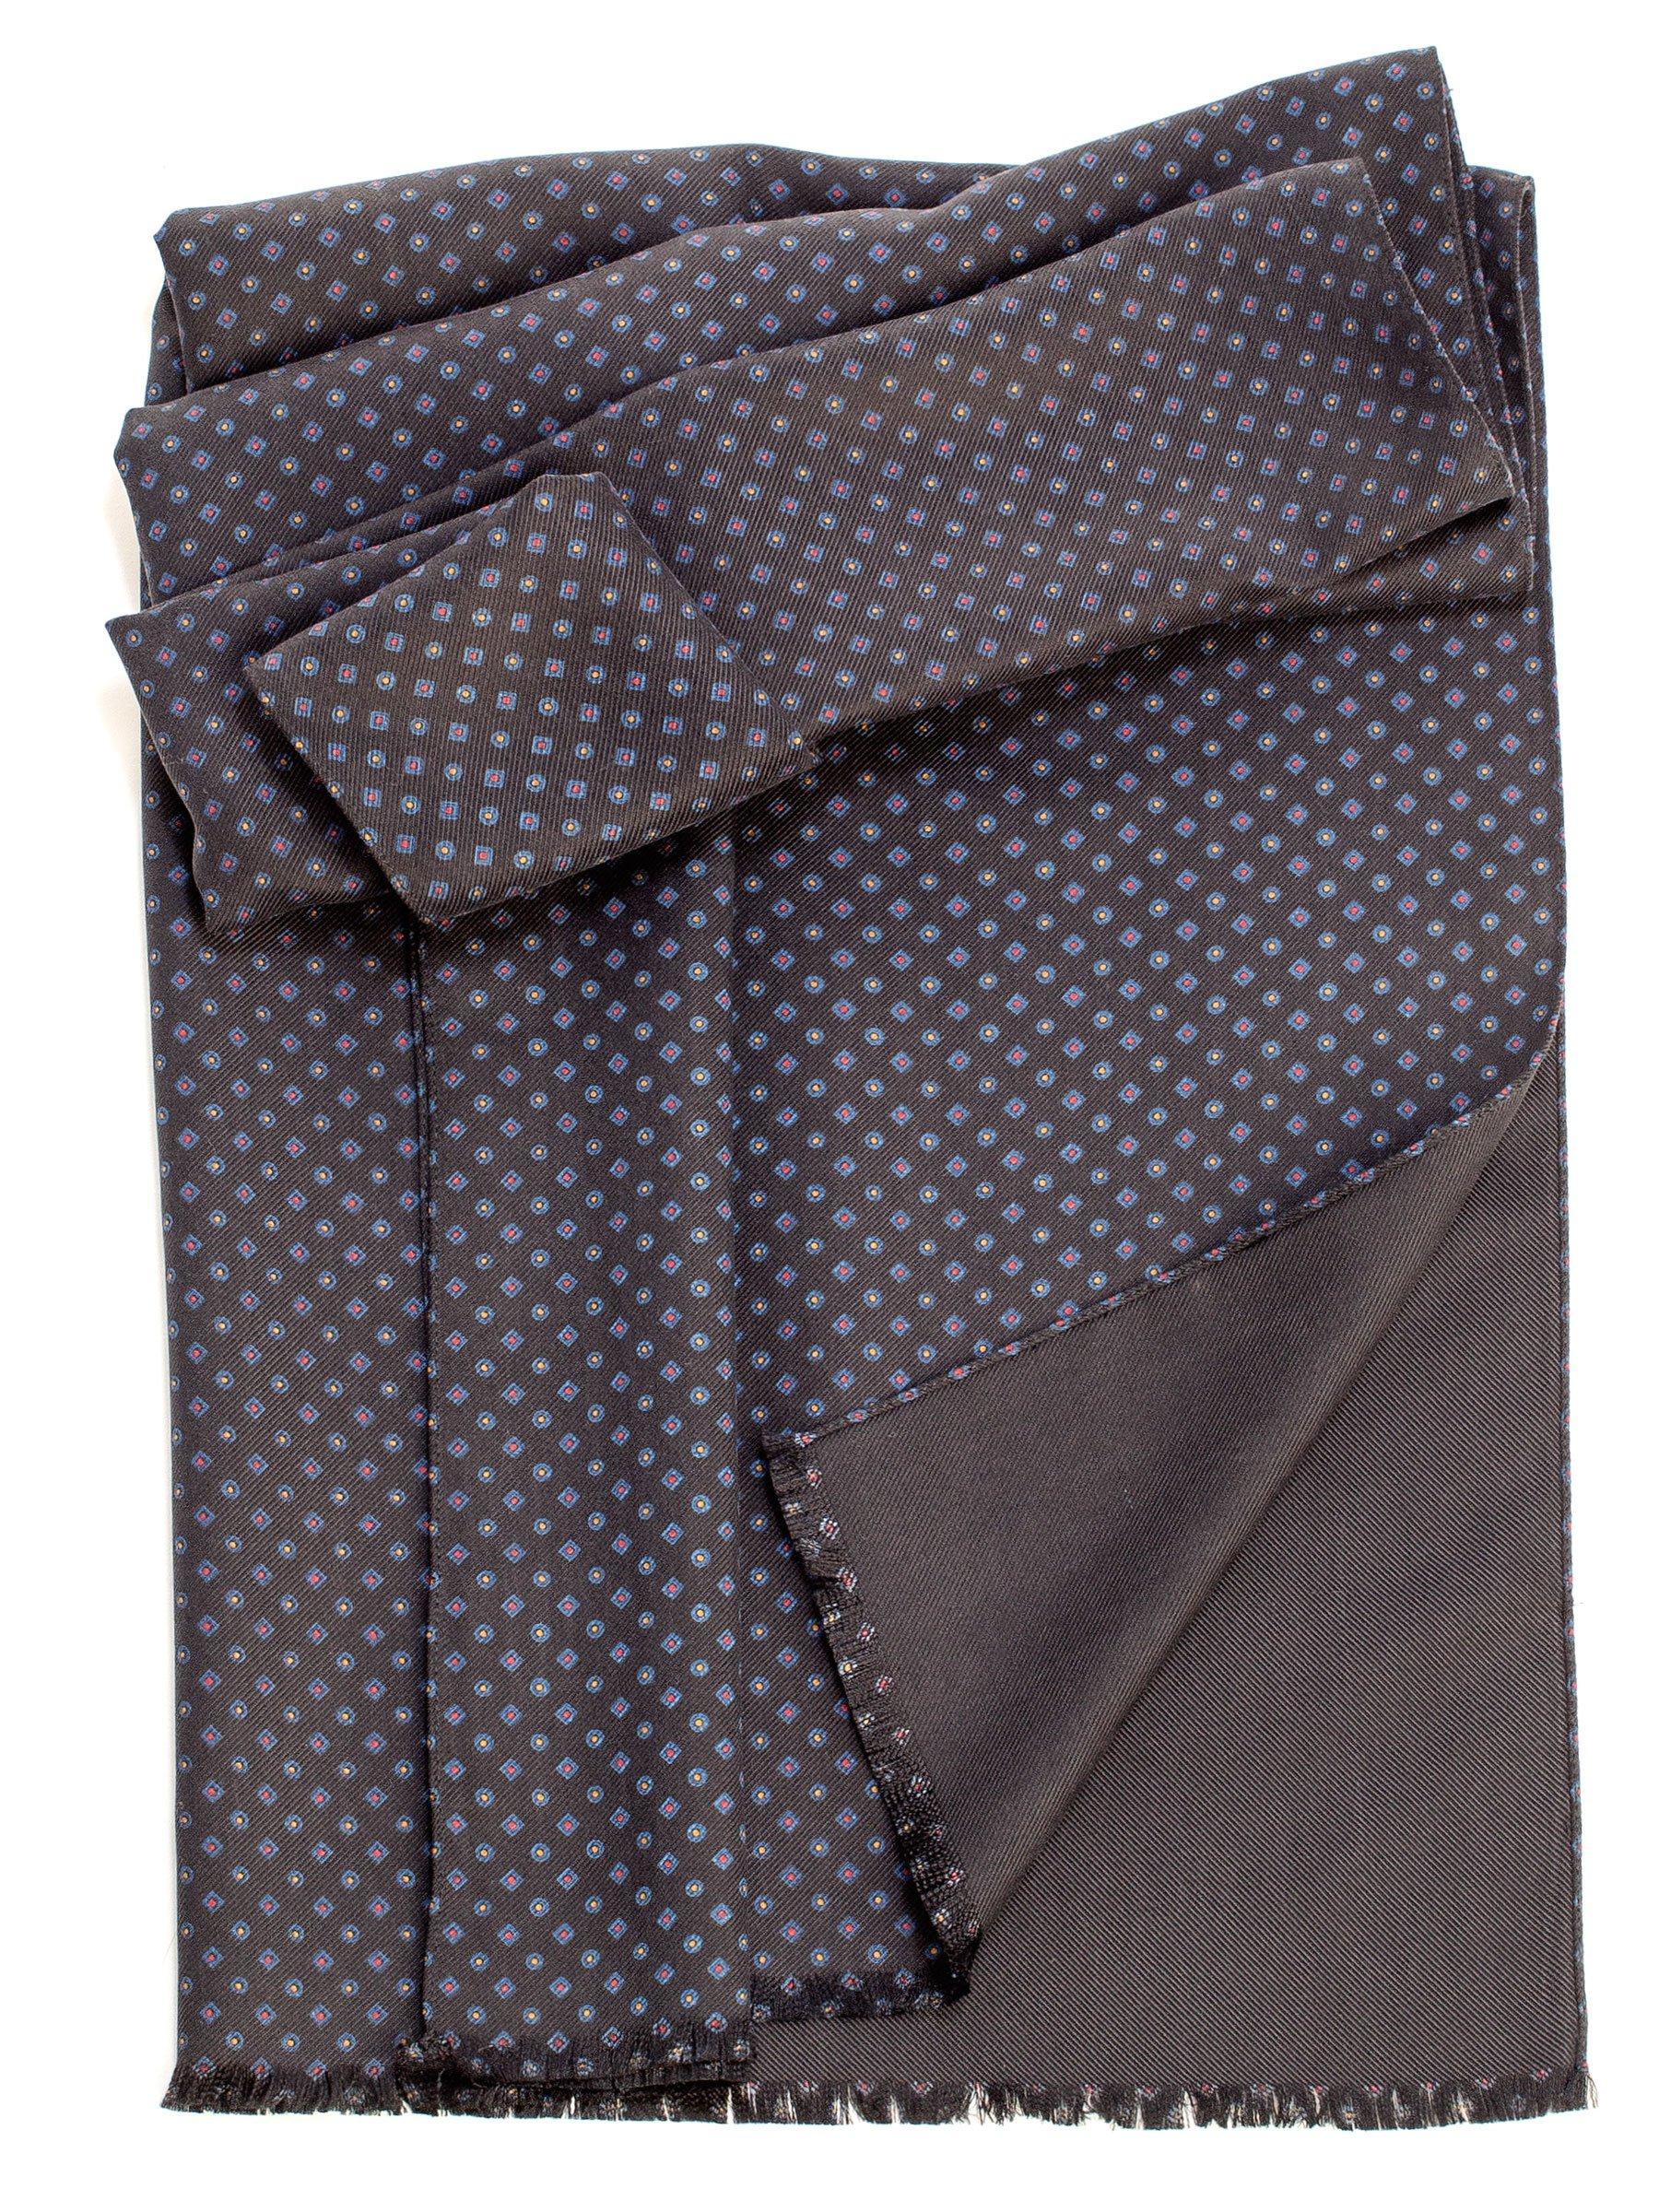 Elizabetta Men's Heavy Thick Silk Twill Italian Reversible Scarf-Black by Elizabetta